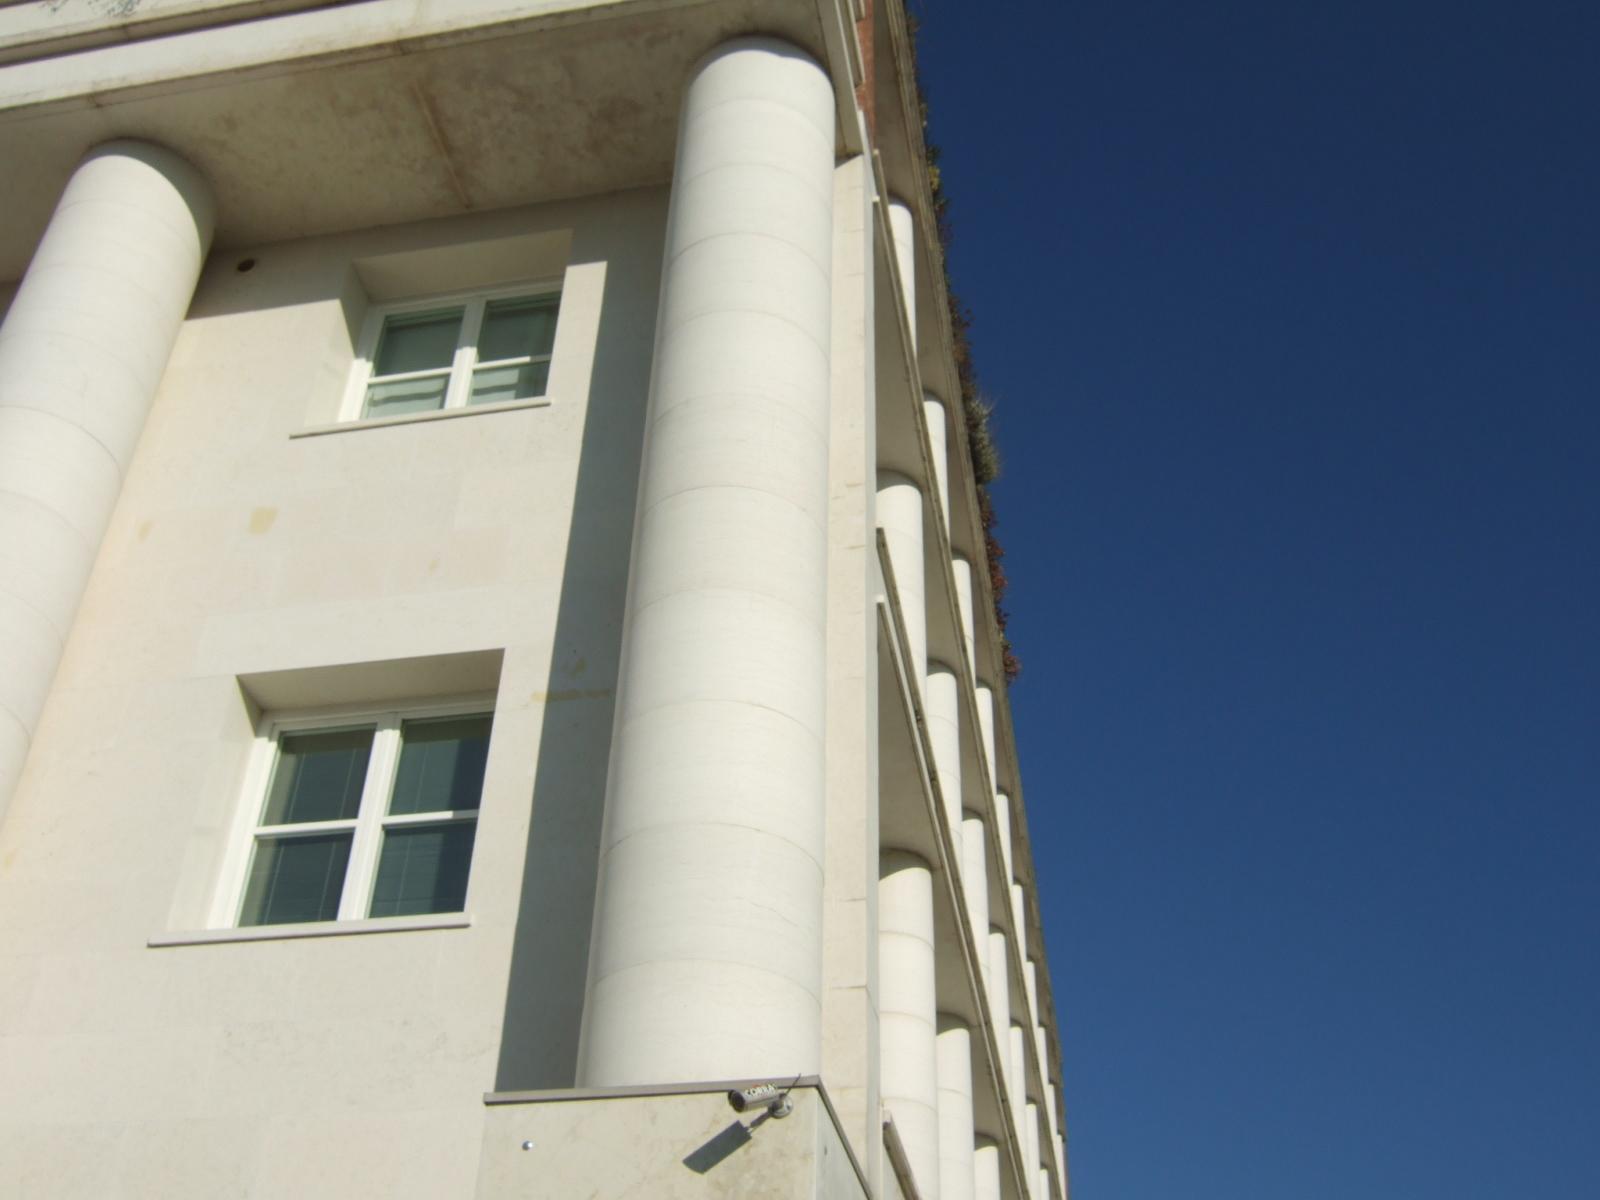 Ufficio / Studio in affitto a Verona, 9999 locali, zona Località: PonteCrencano, prezzo € 600 | CambioCasa.it